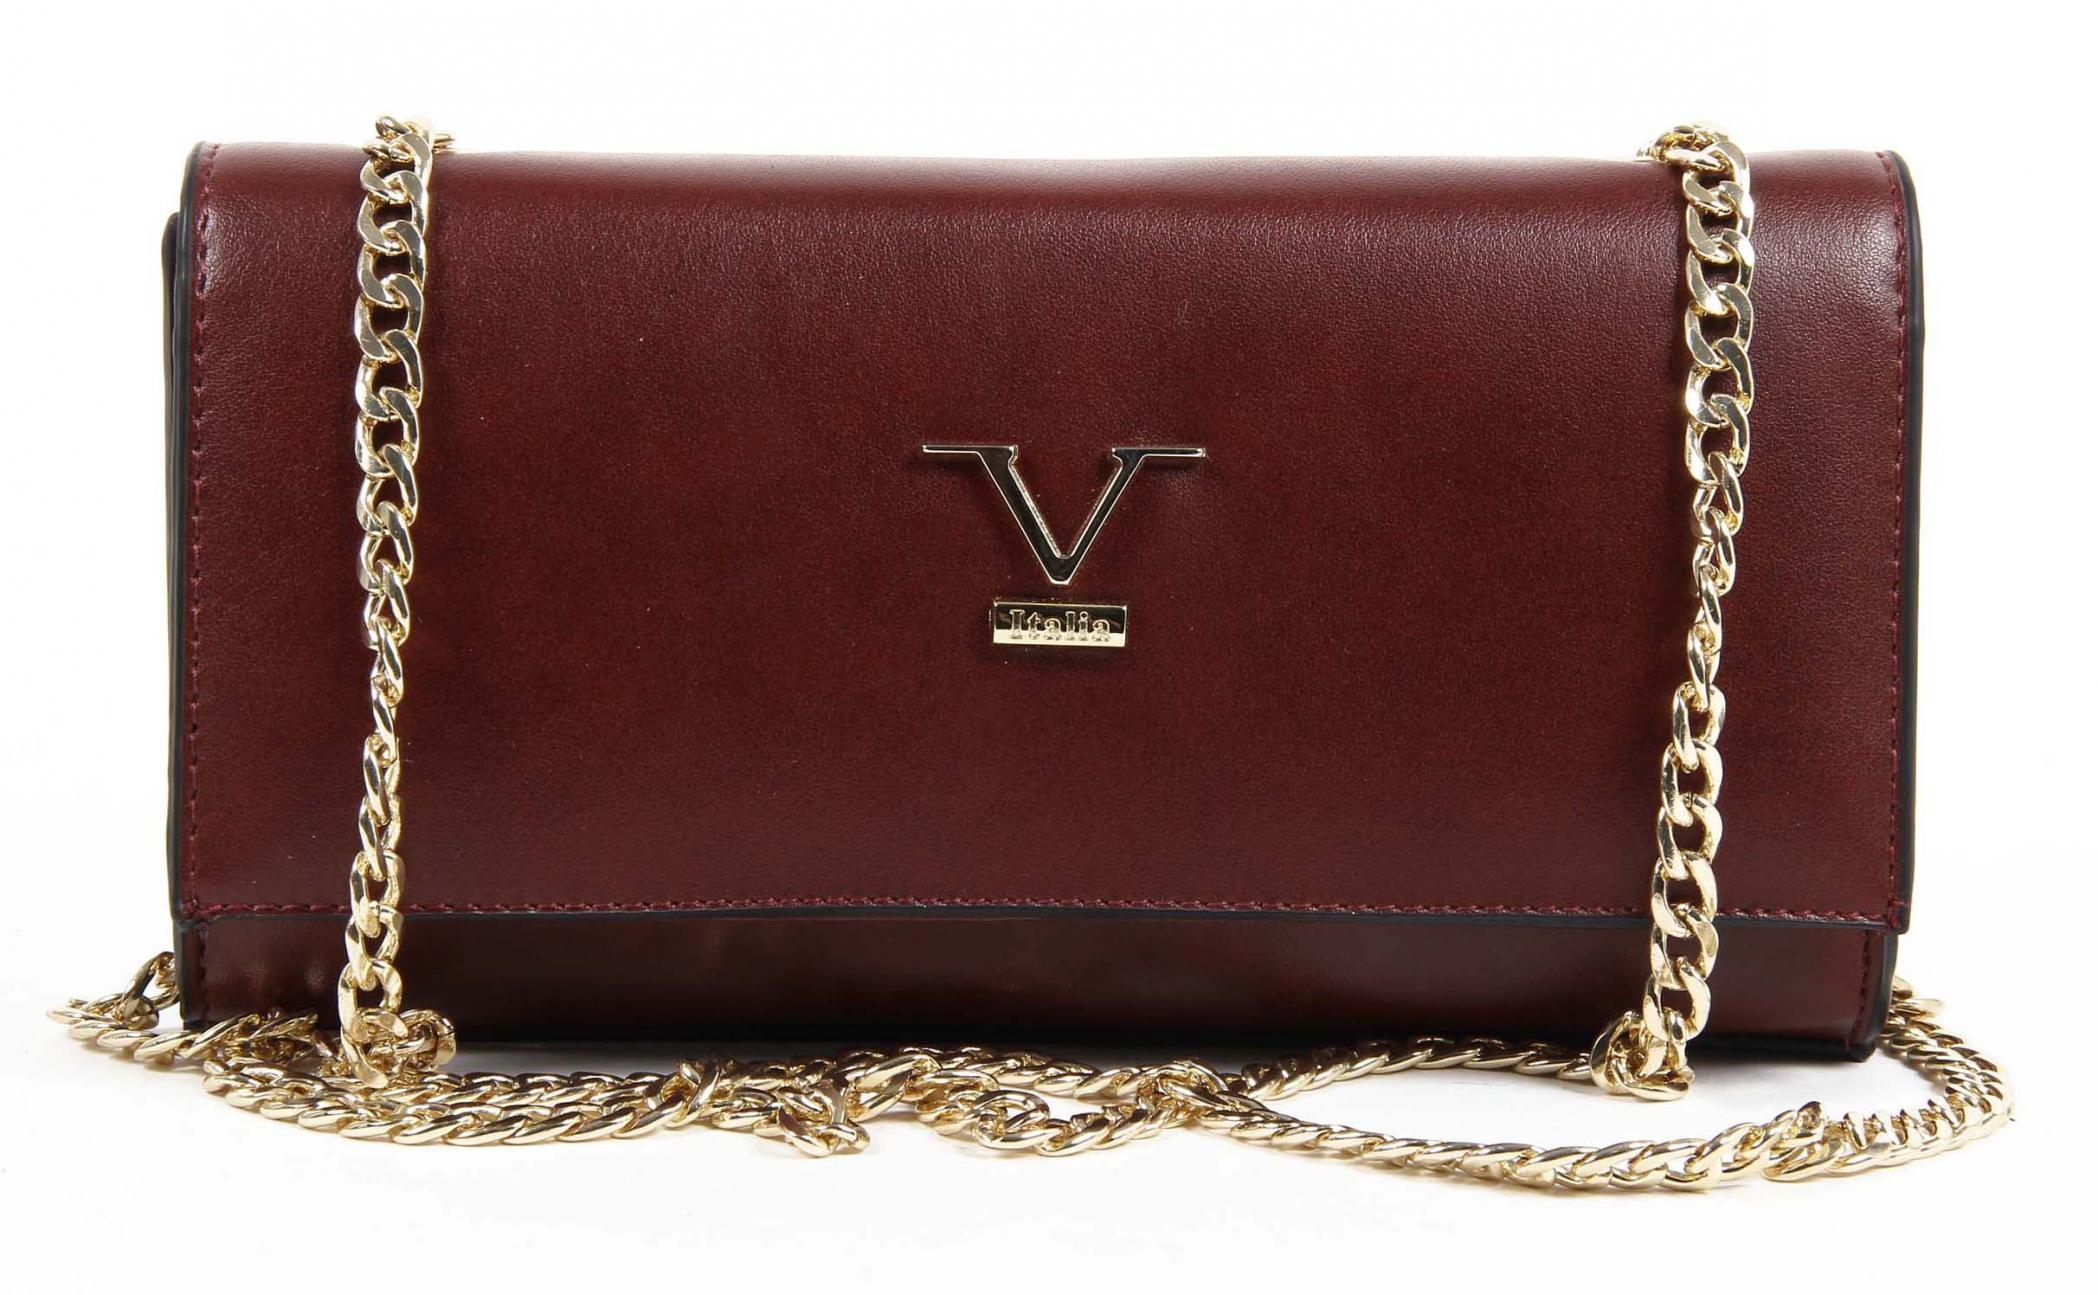 e8722f567032 Versace 19.69 Abbigliamento Sportivo Srl Milano Italia Womens Handbag VE011  CLARET RED